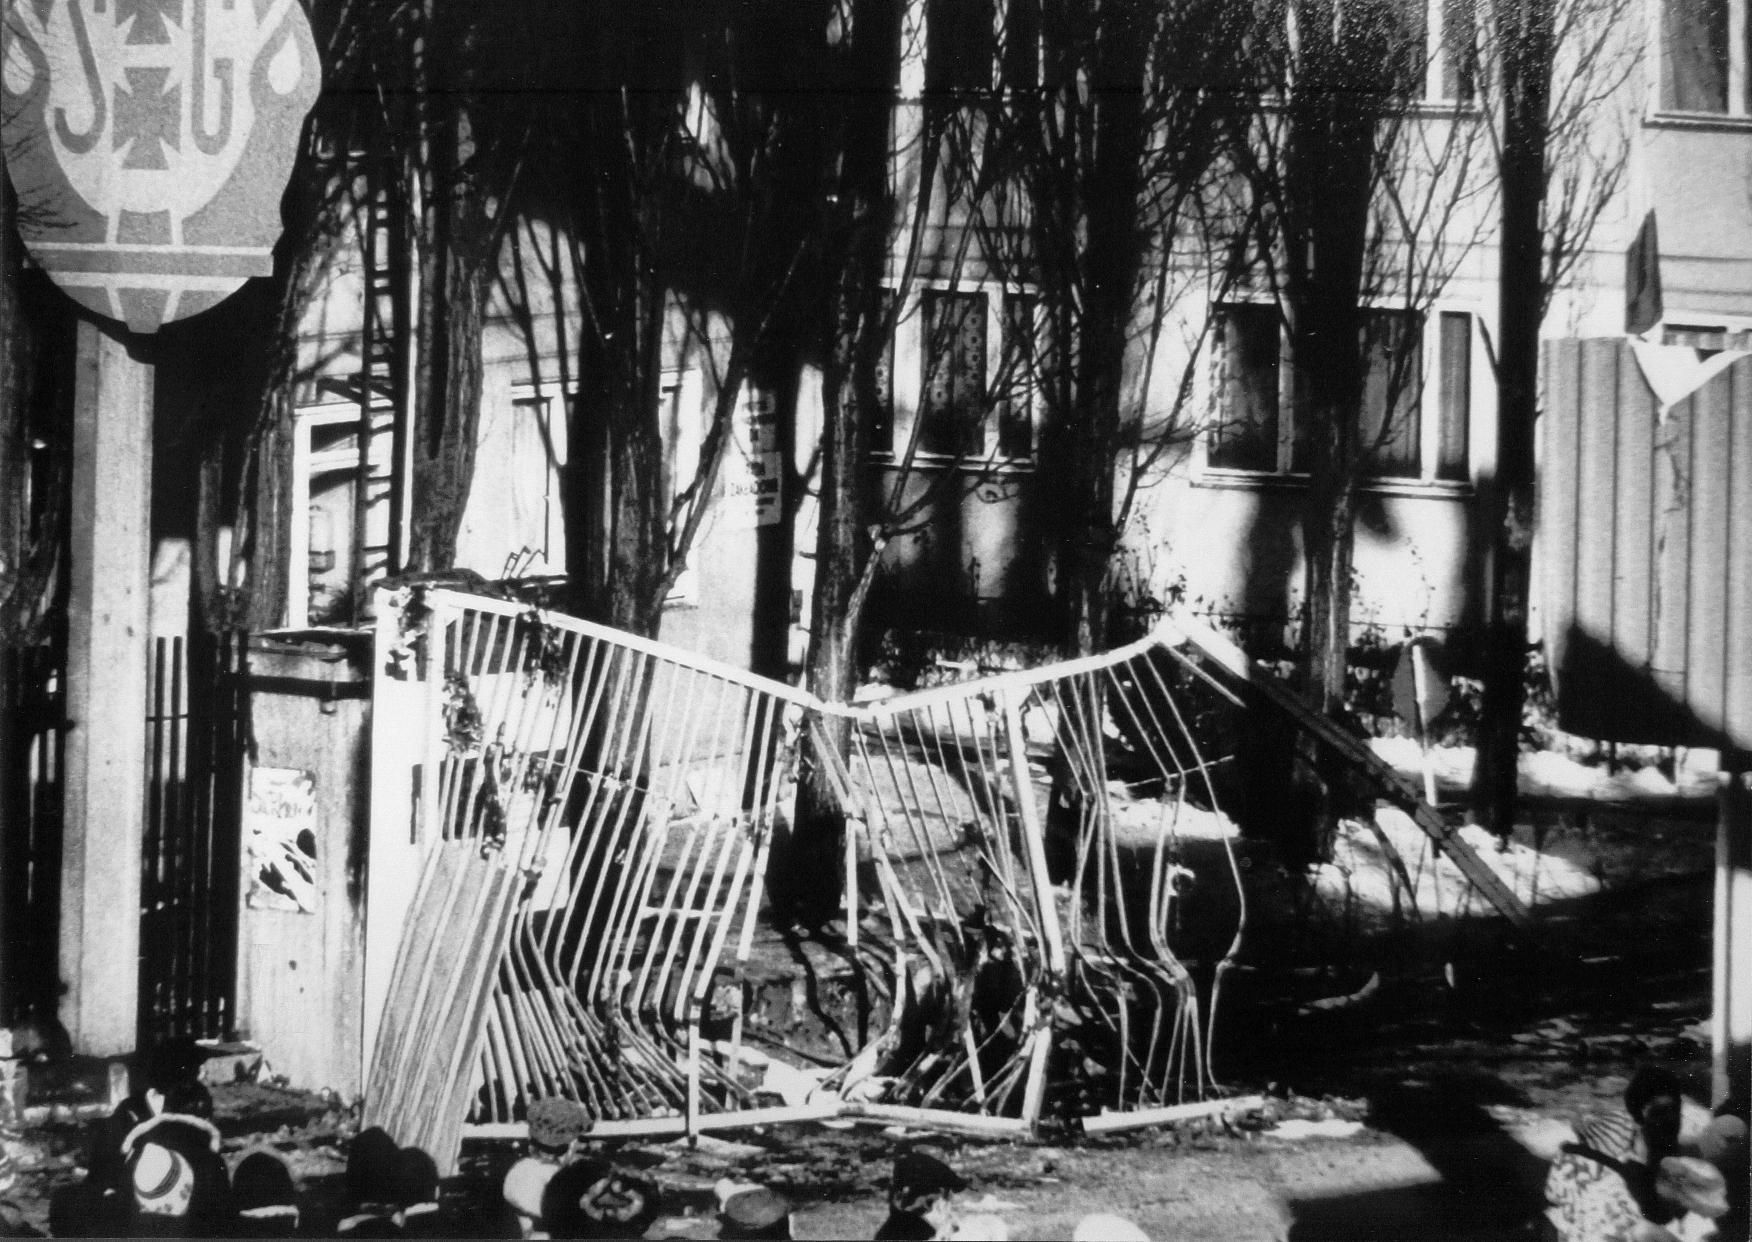 Fot. Janusz Rydzewski, Pacyfikacja Stoczni Gdanskiej, tryptyk-1,16XII 1981- fragment, (fot.dzięki uprzejmości autora)